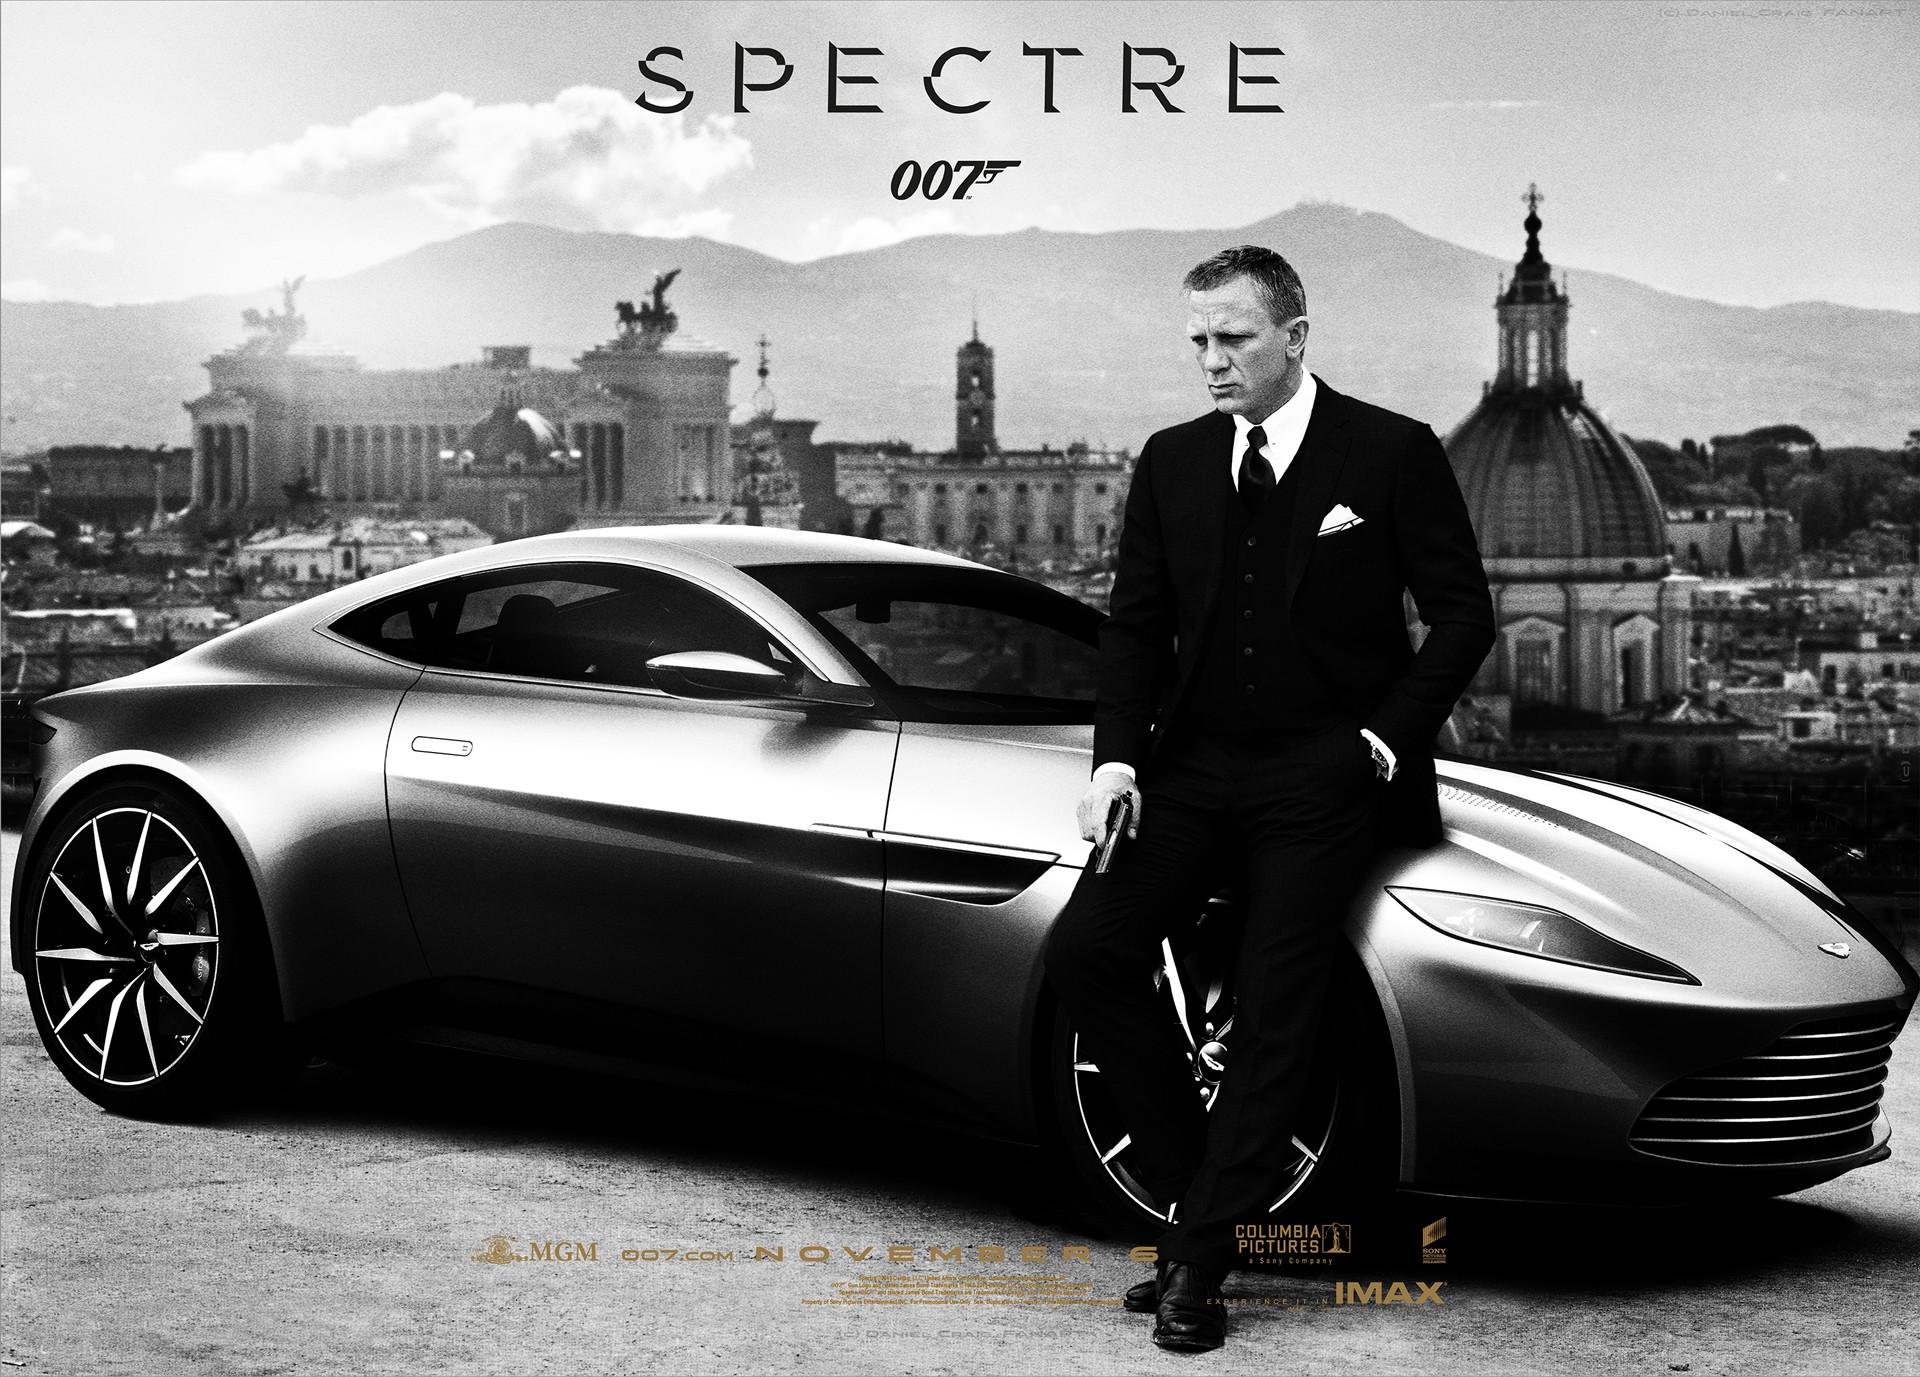 Fall Leaves Wallpaper For Desktop James Bond Spectre Wallpapers